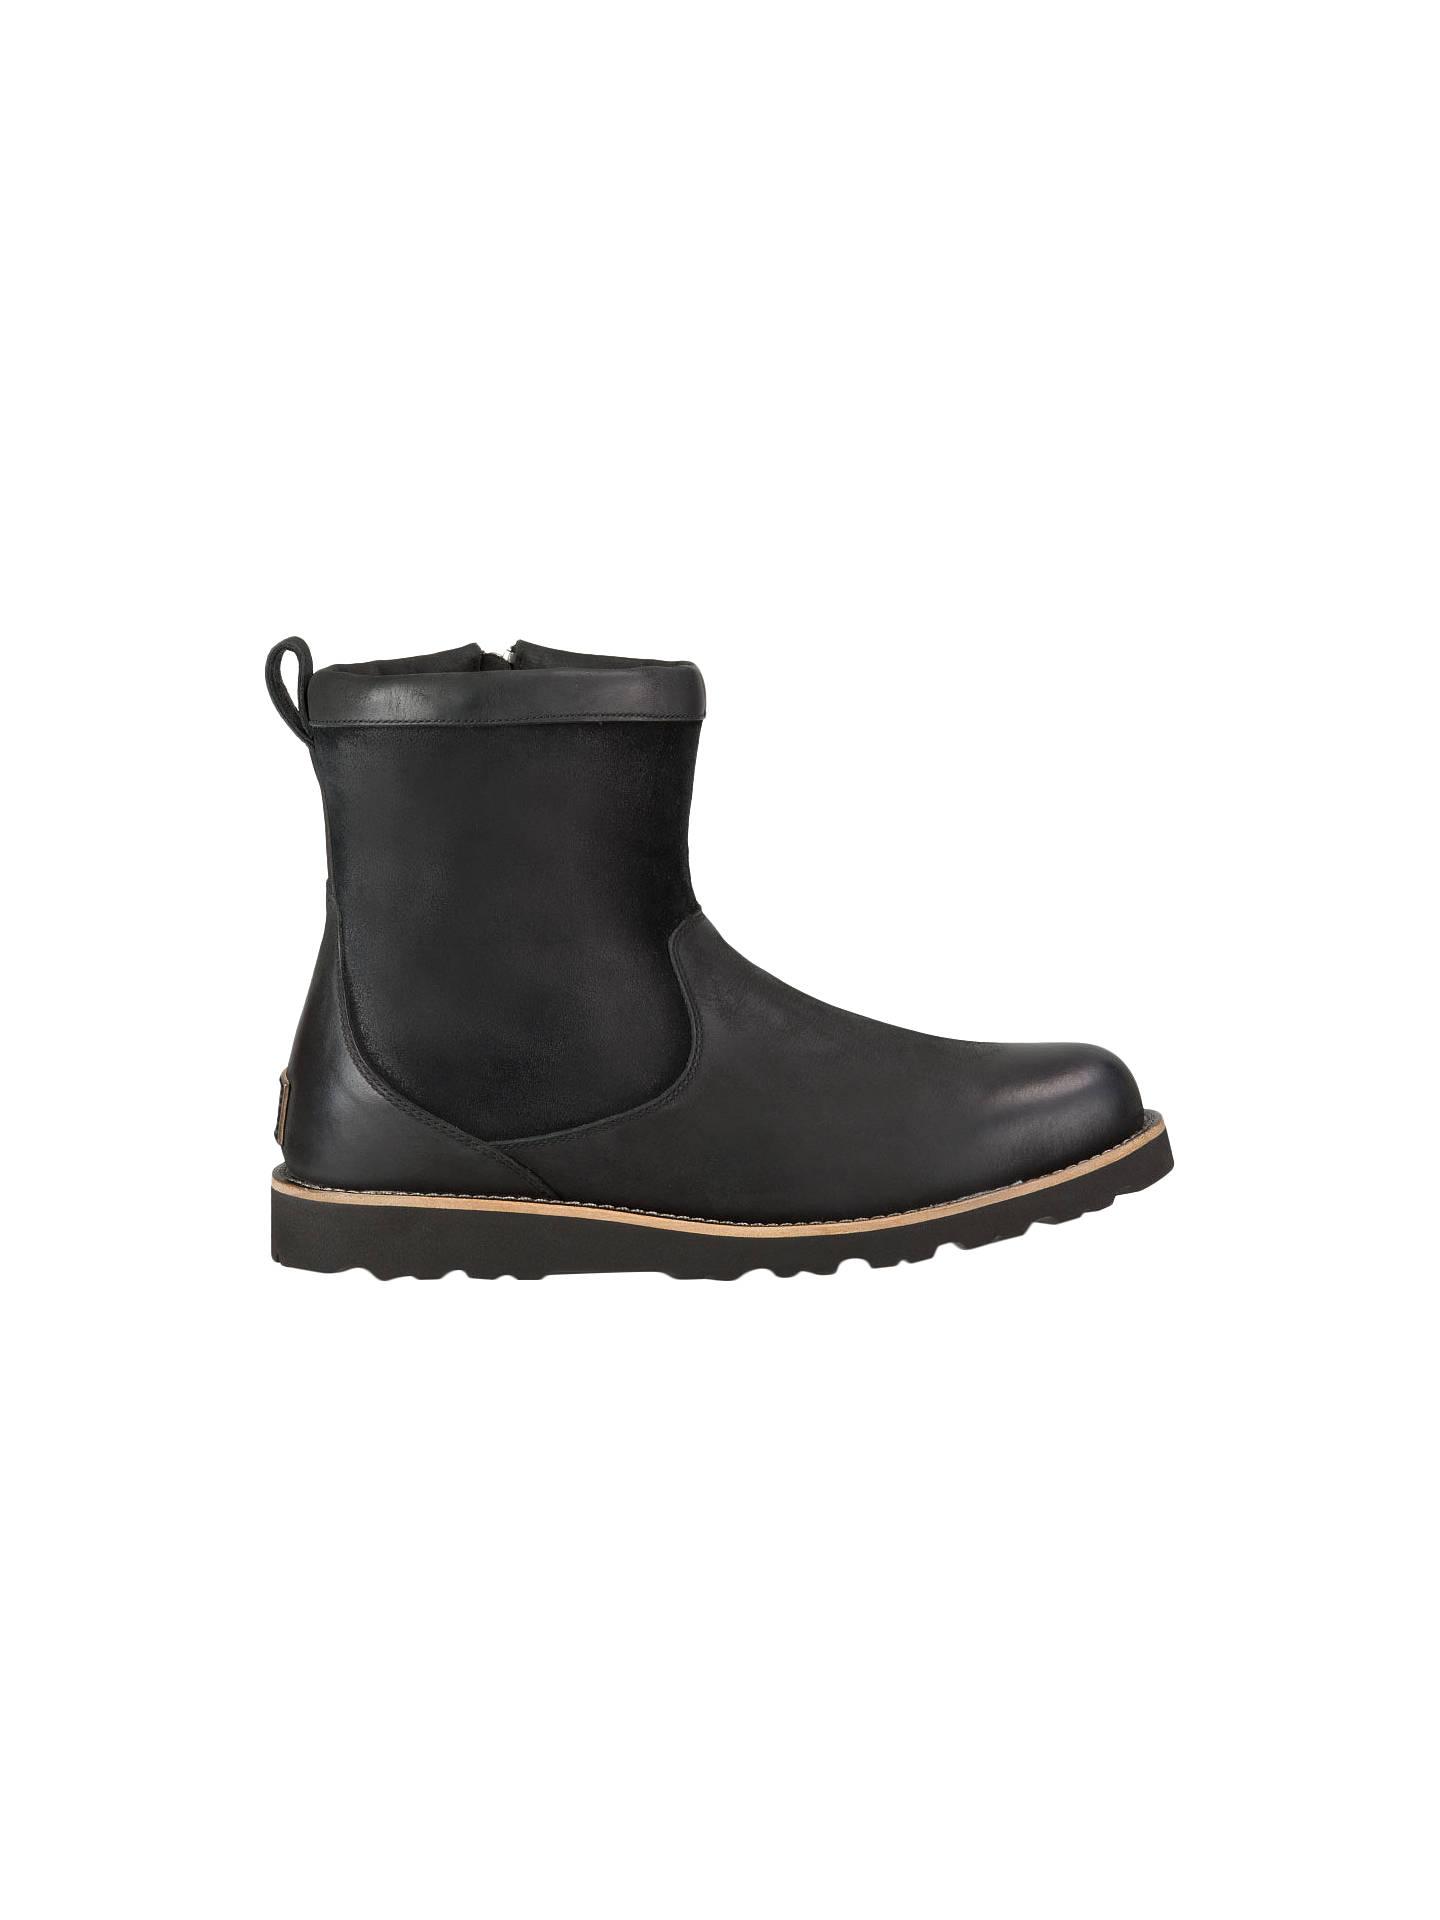 23628e656d9 UGG Hendren Waterproof Boots at John Lewis & Partners